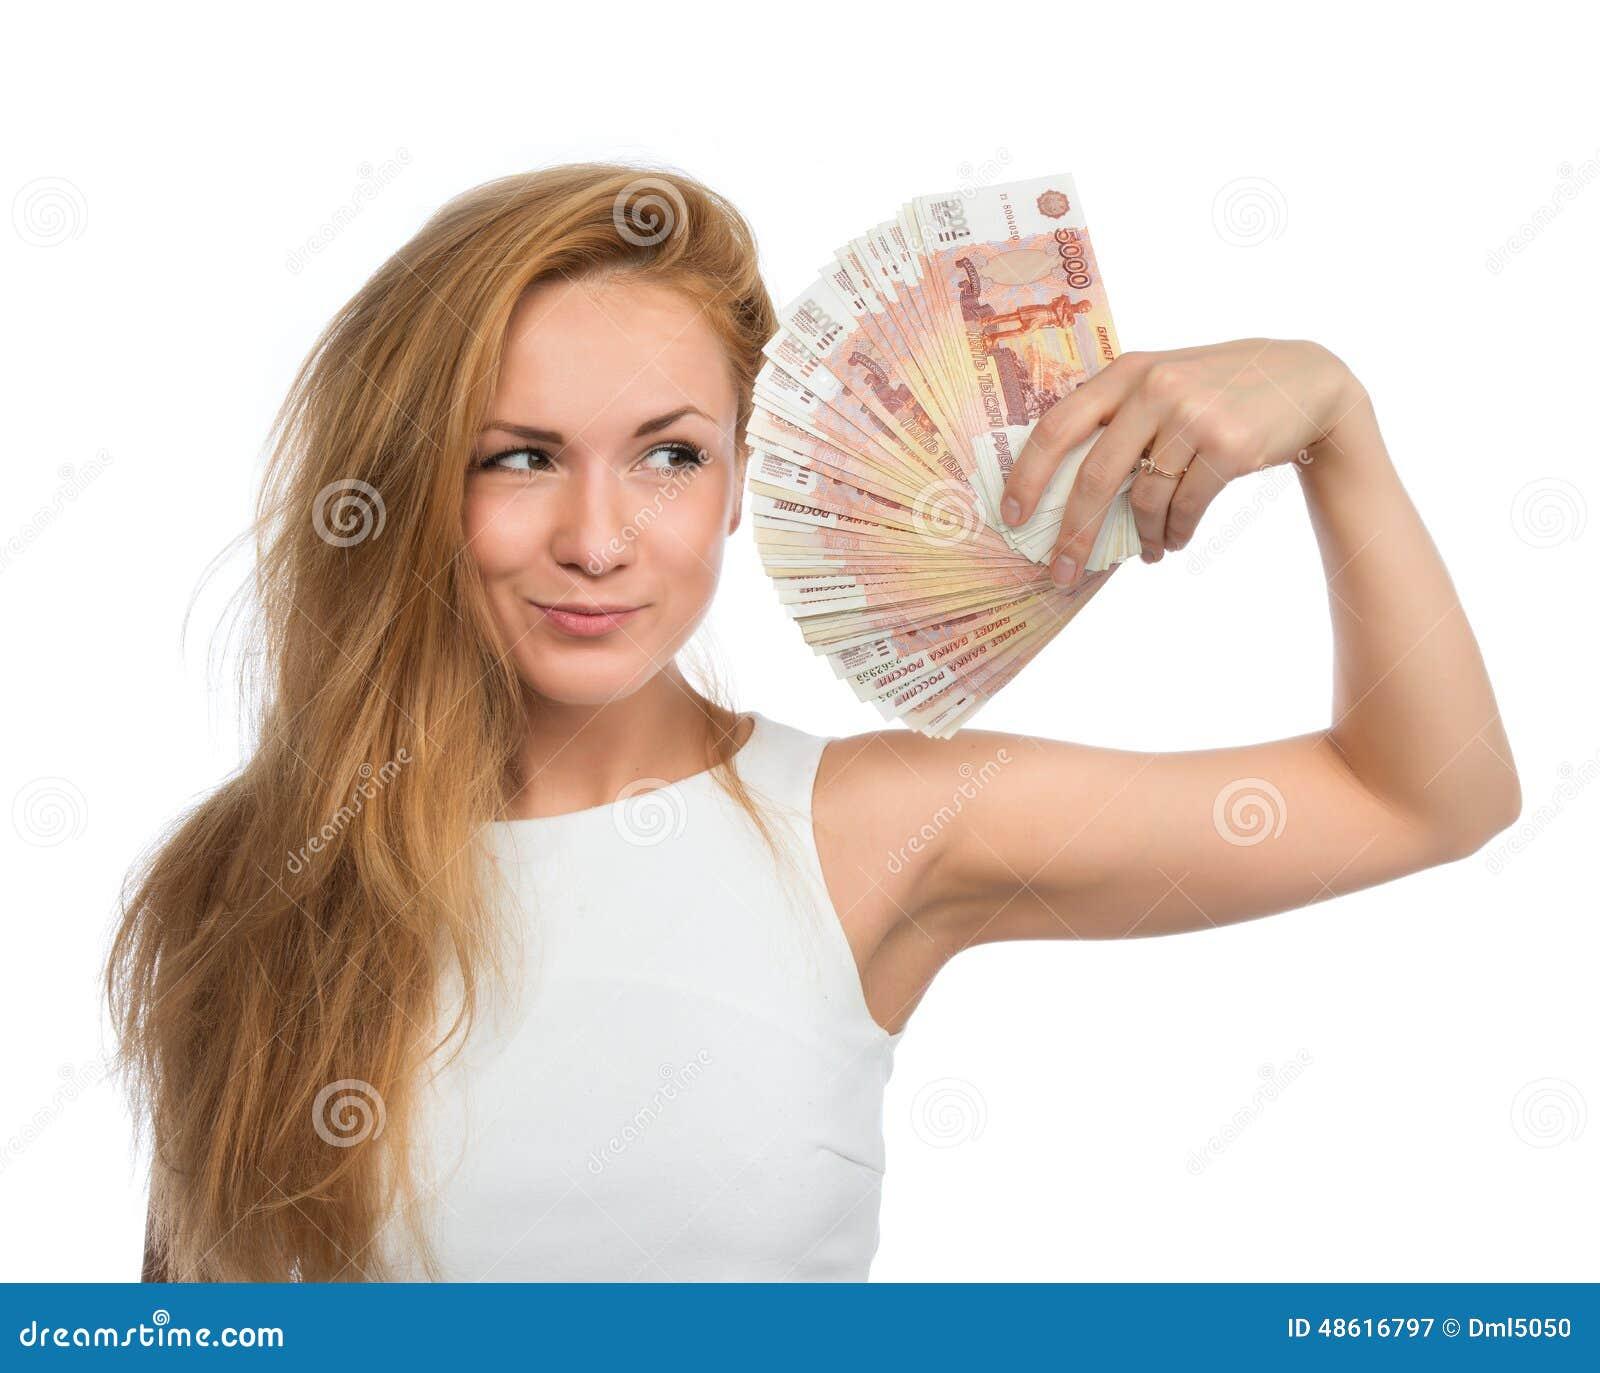 Girls For Cash Porn